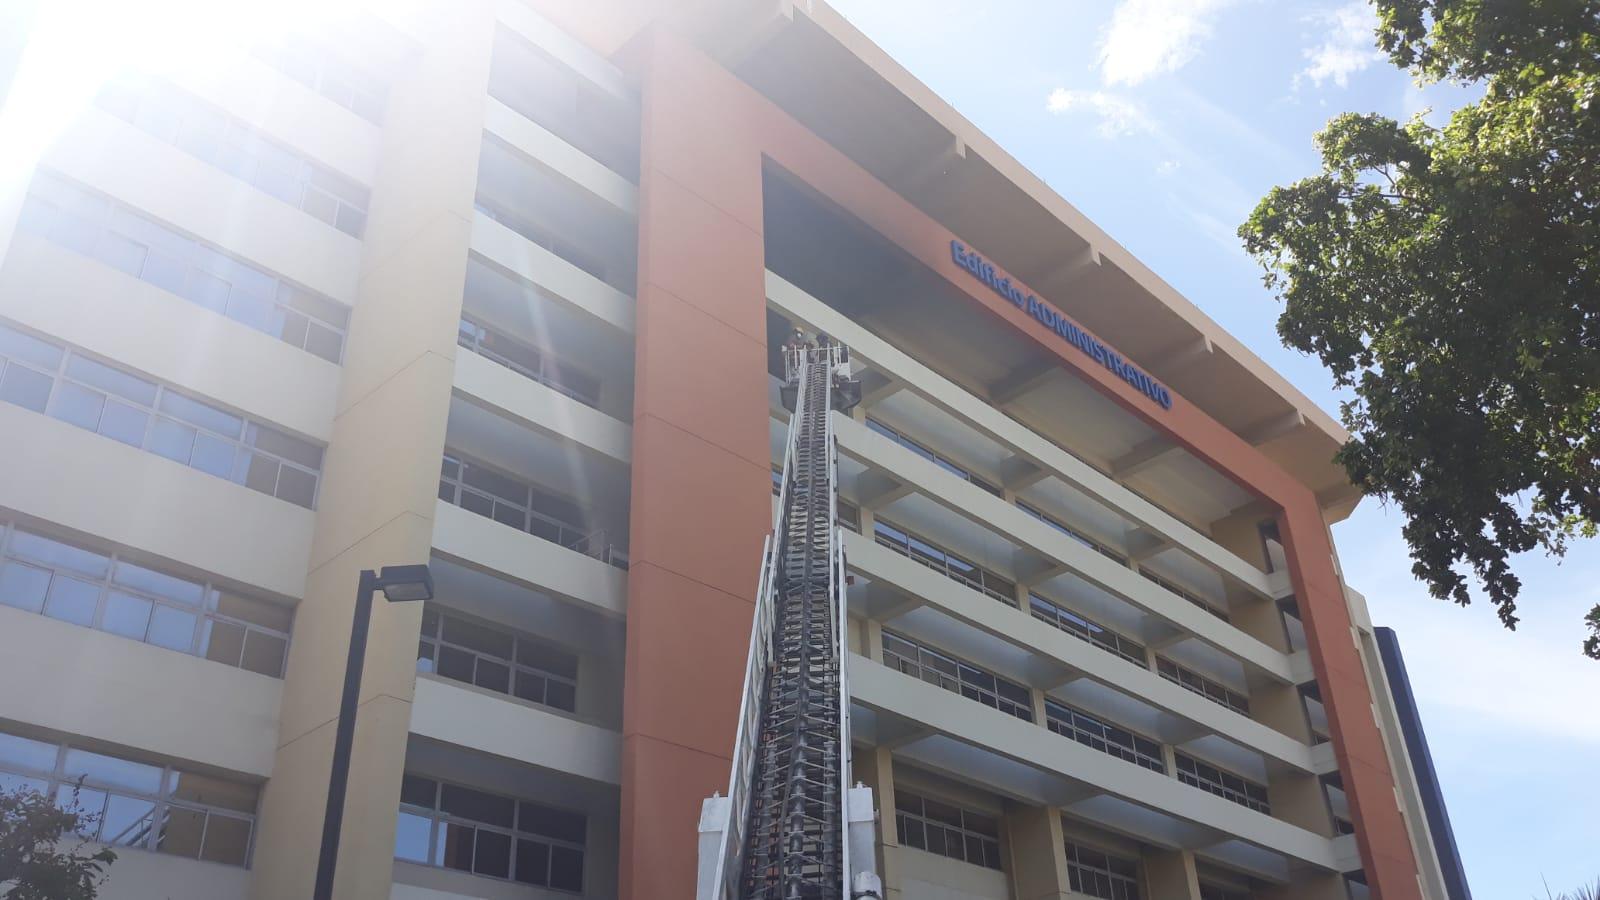 UASD: Cortocircuito interno provocó incendio ocurrido en edificio administrativo